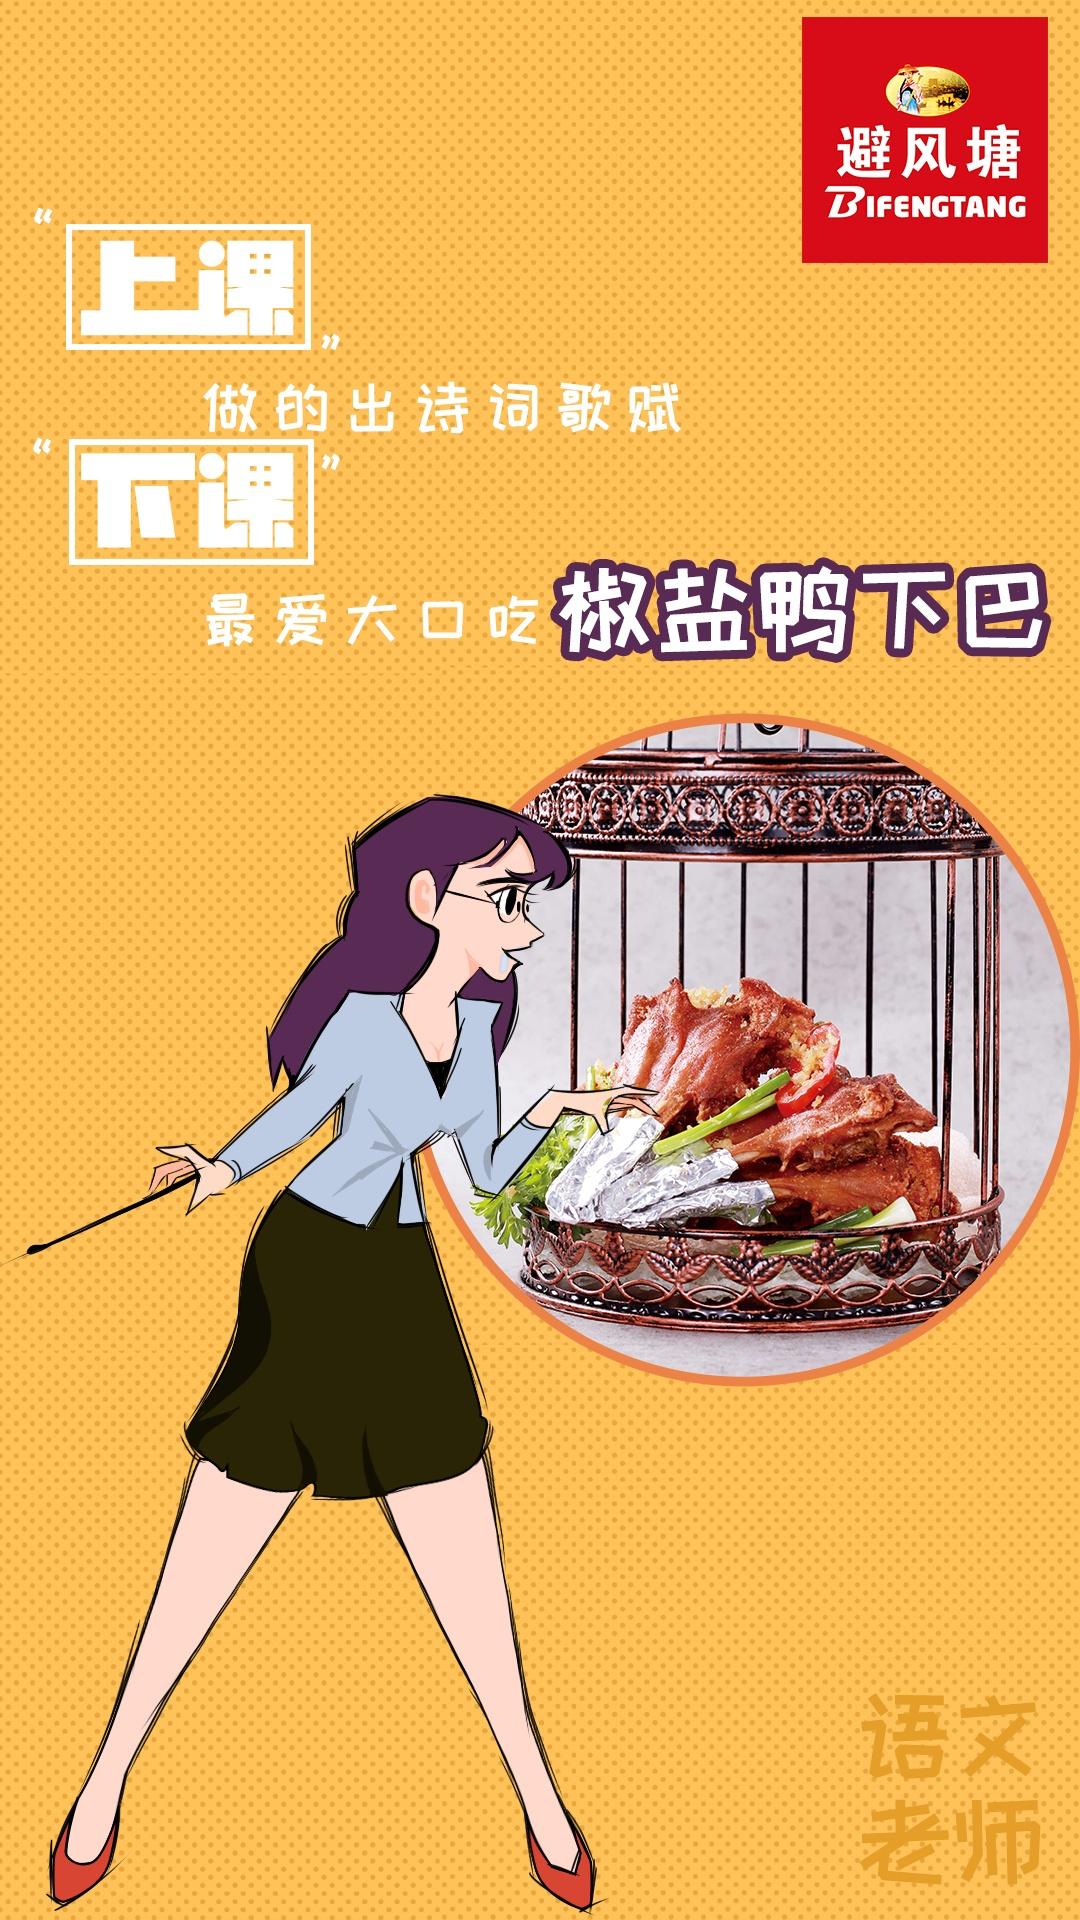 美食 教师节 系列海报